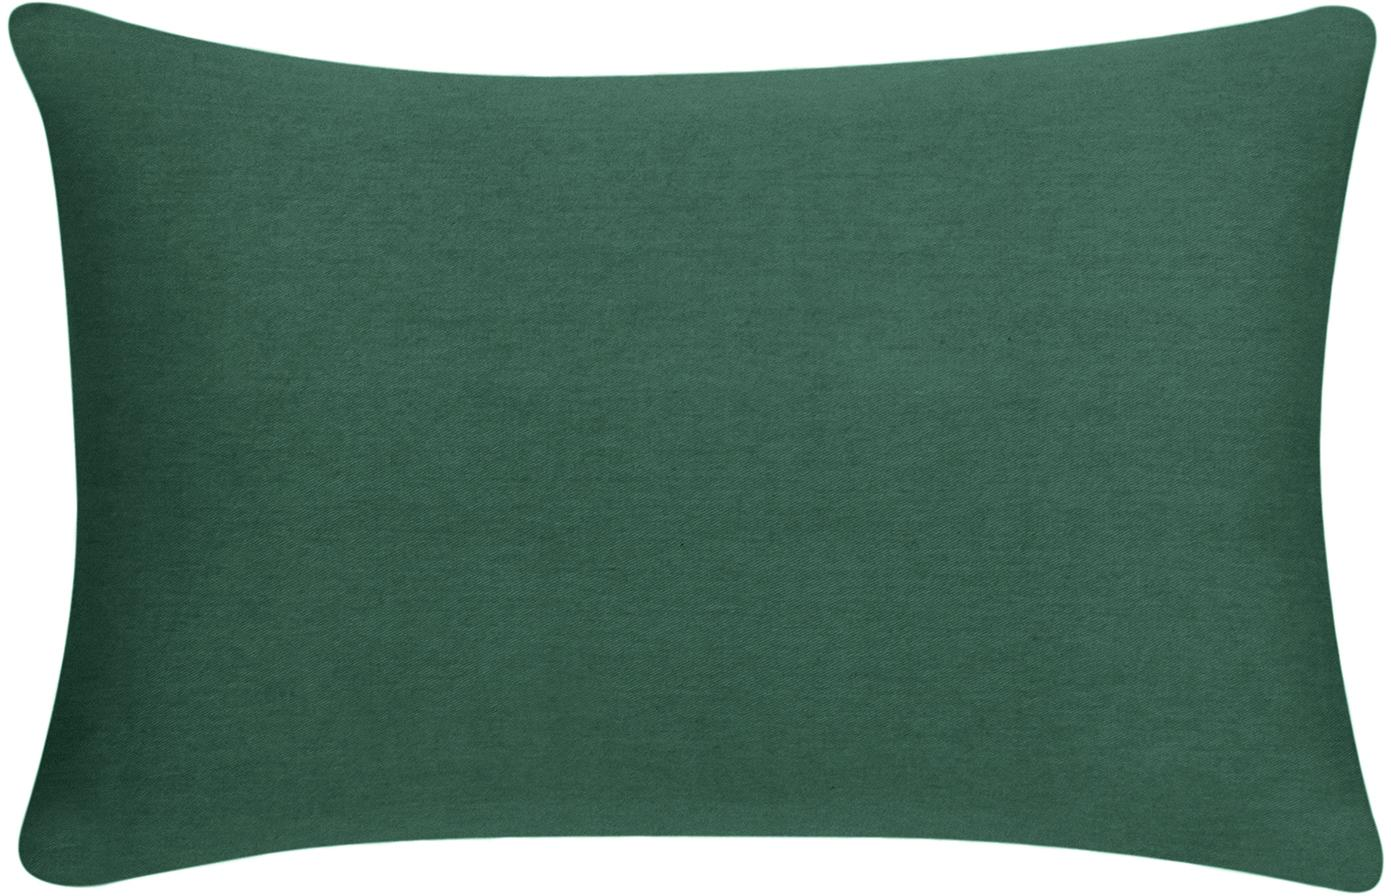 Funda de cojín de algodón Mads, 100%algodón, Verde, An 30 x L 50 cm